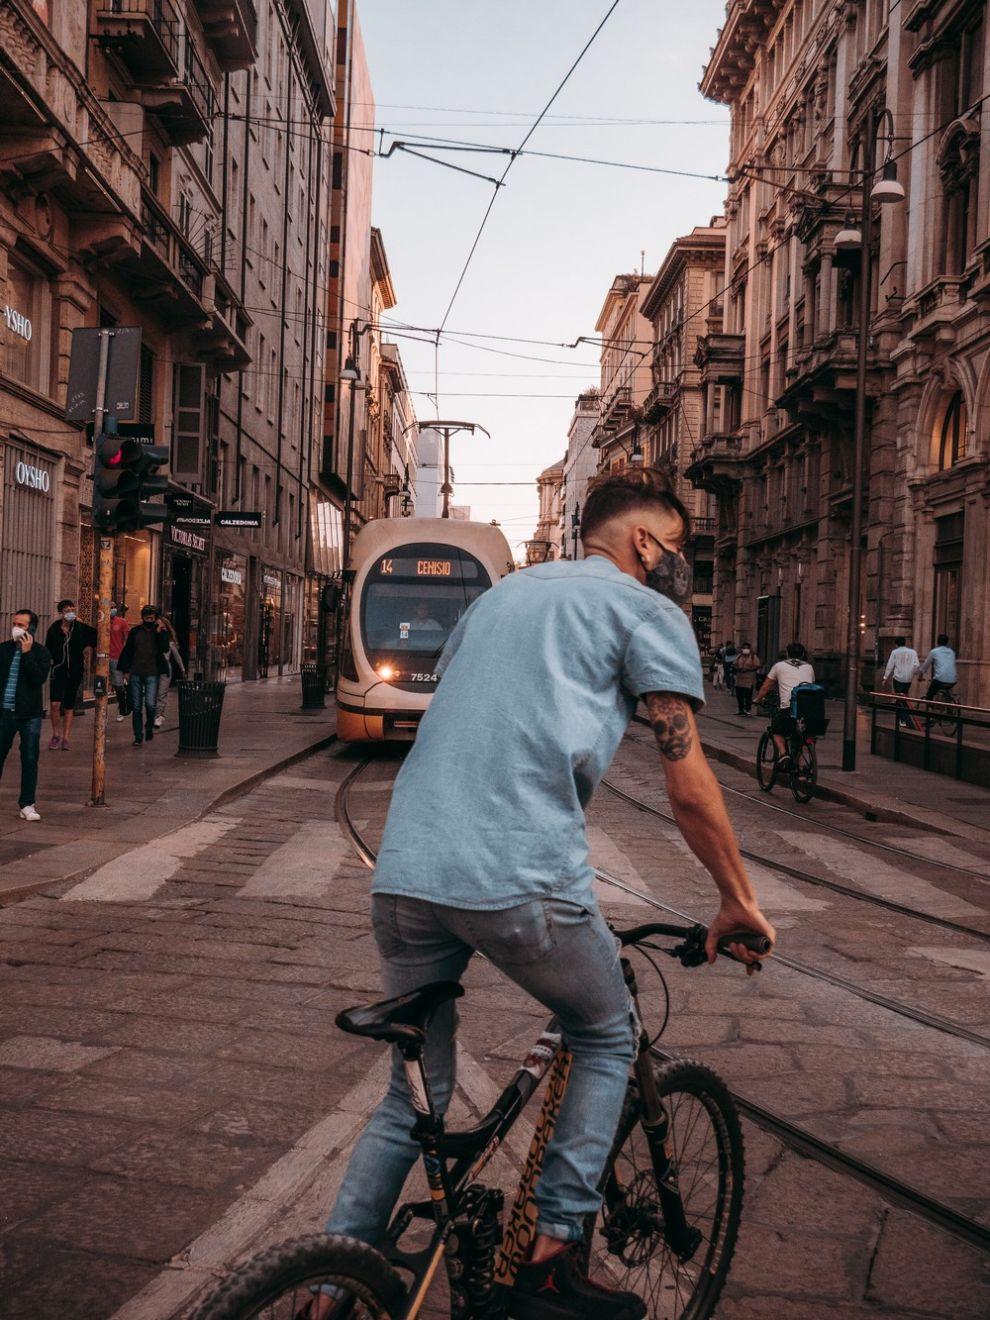 Ποδήλατο στο Μιλάνο